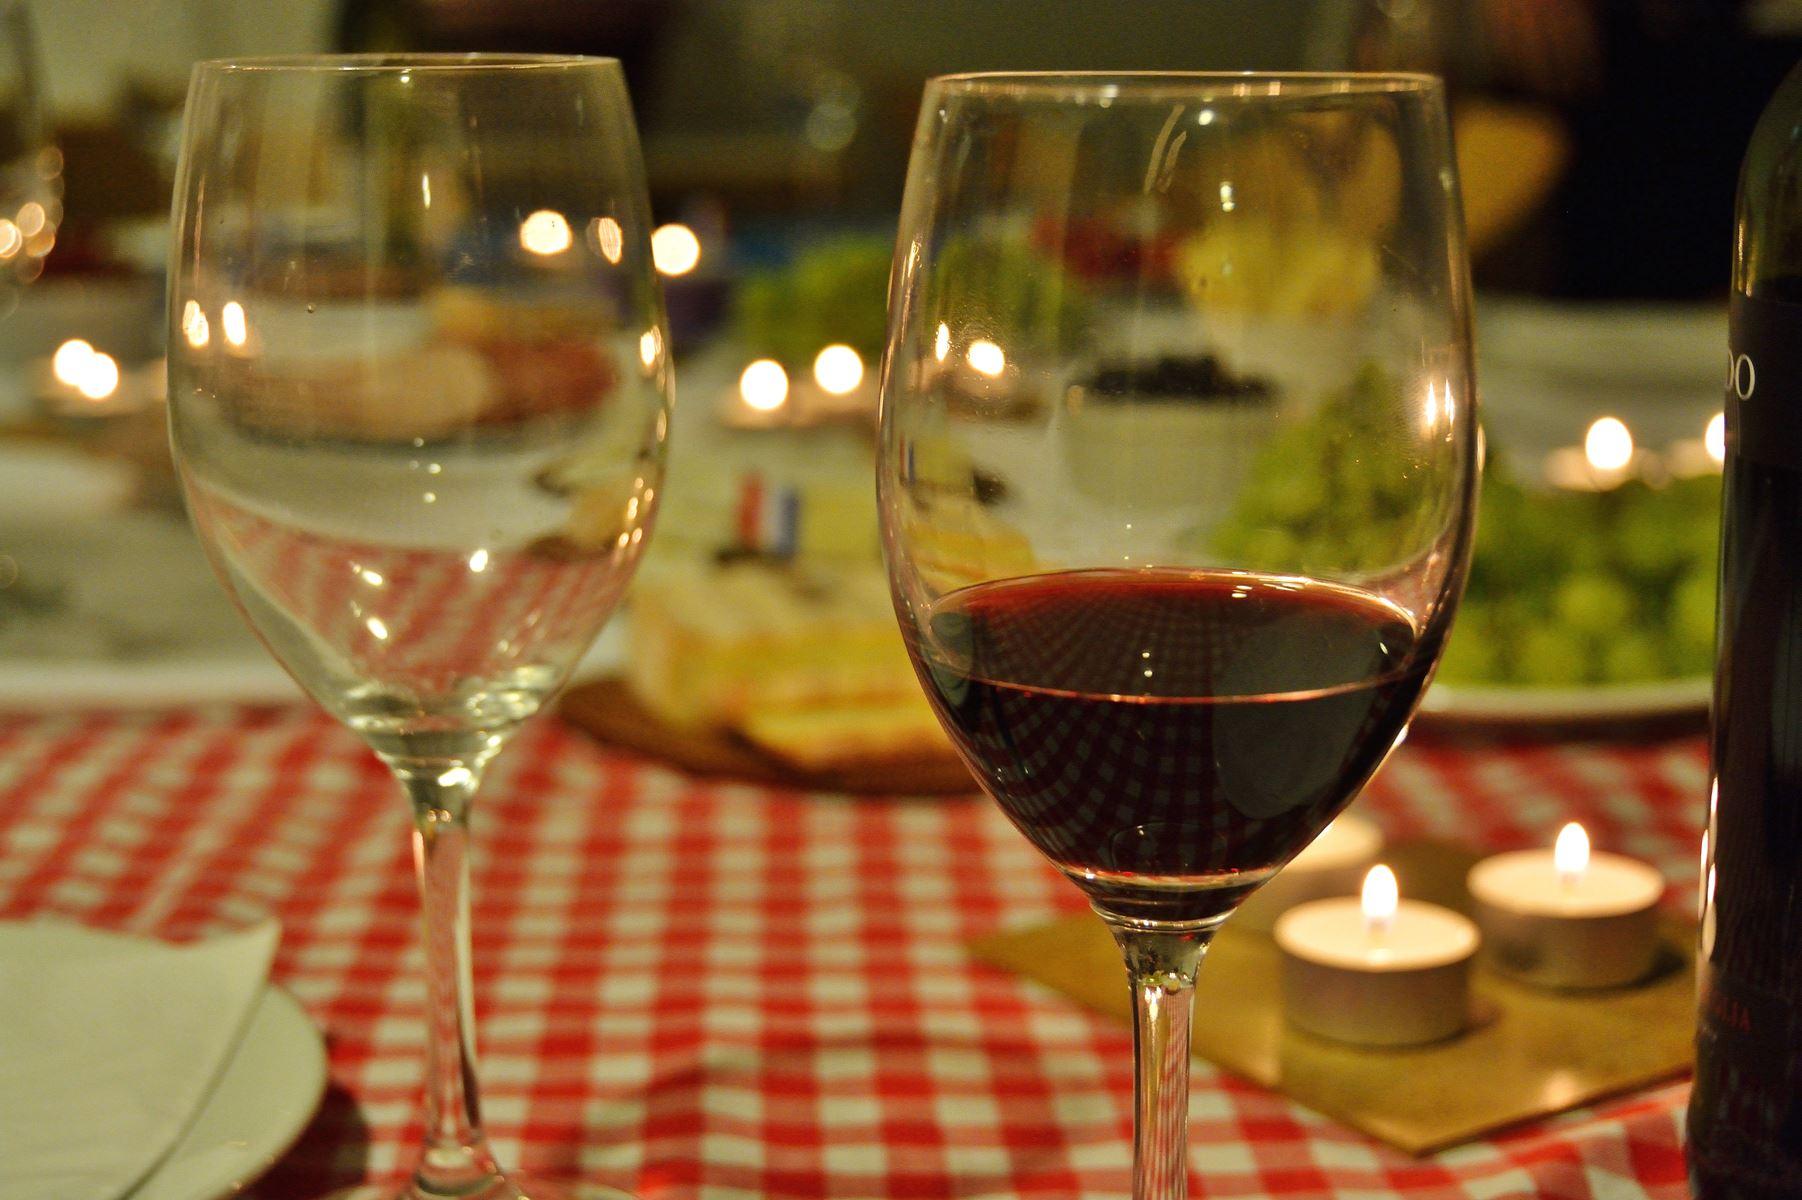 Den tunge julemad kræver sin vin. Få eksperternes råd til at vælge en vin, der spiller godt op til julens fede mad.